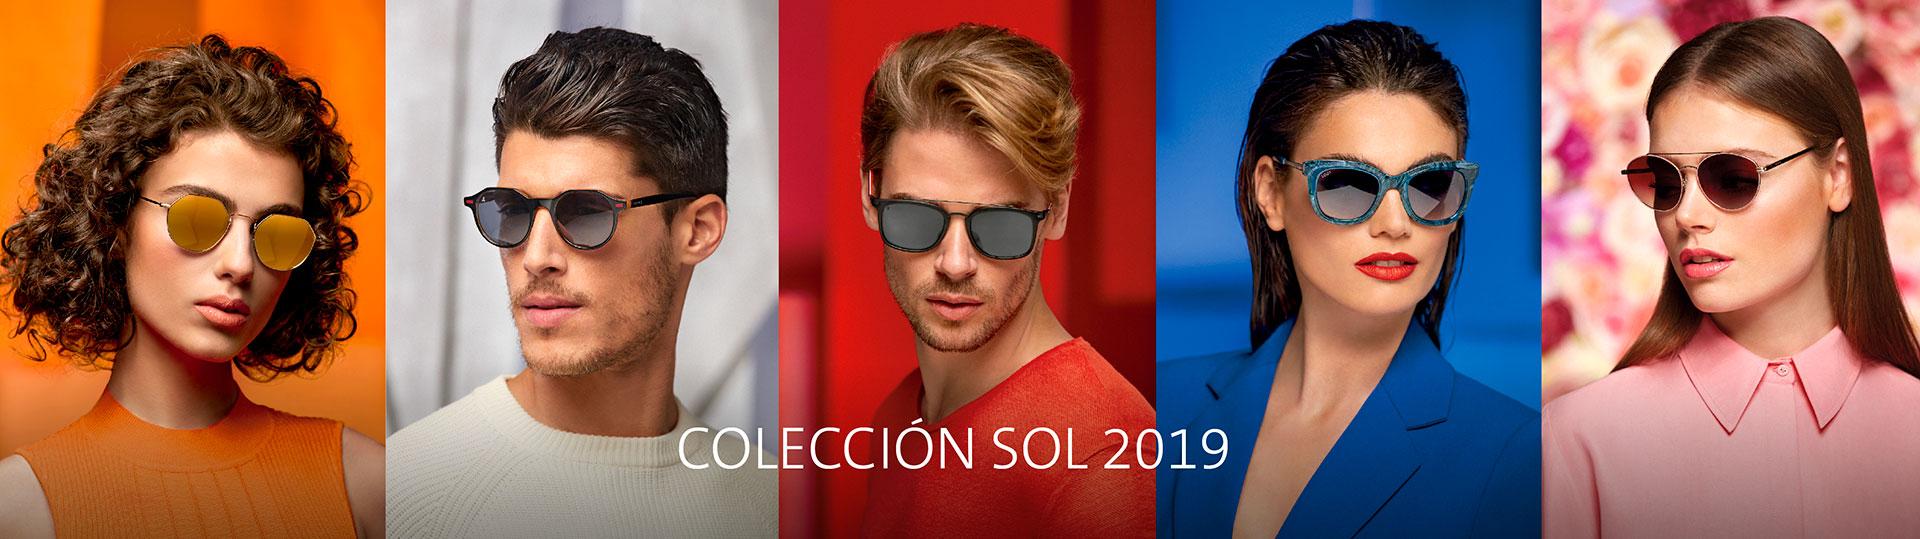 Carrusel promocion sol Federópticos 2019